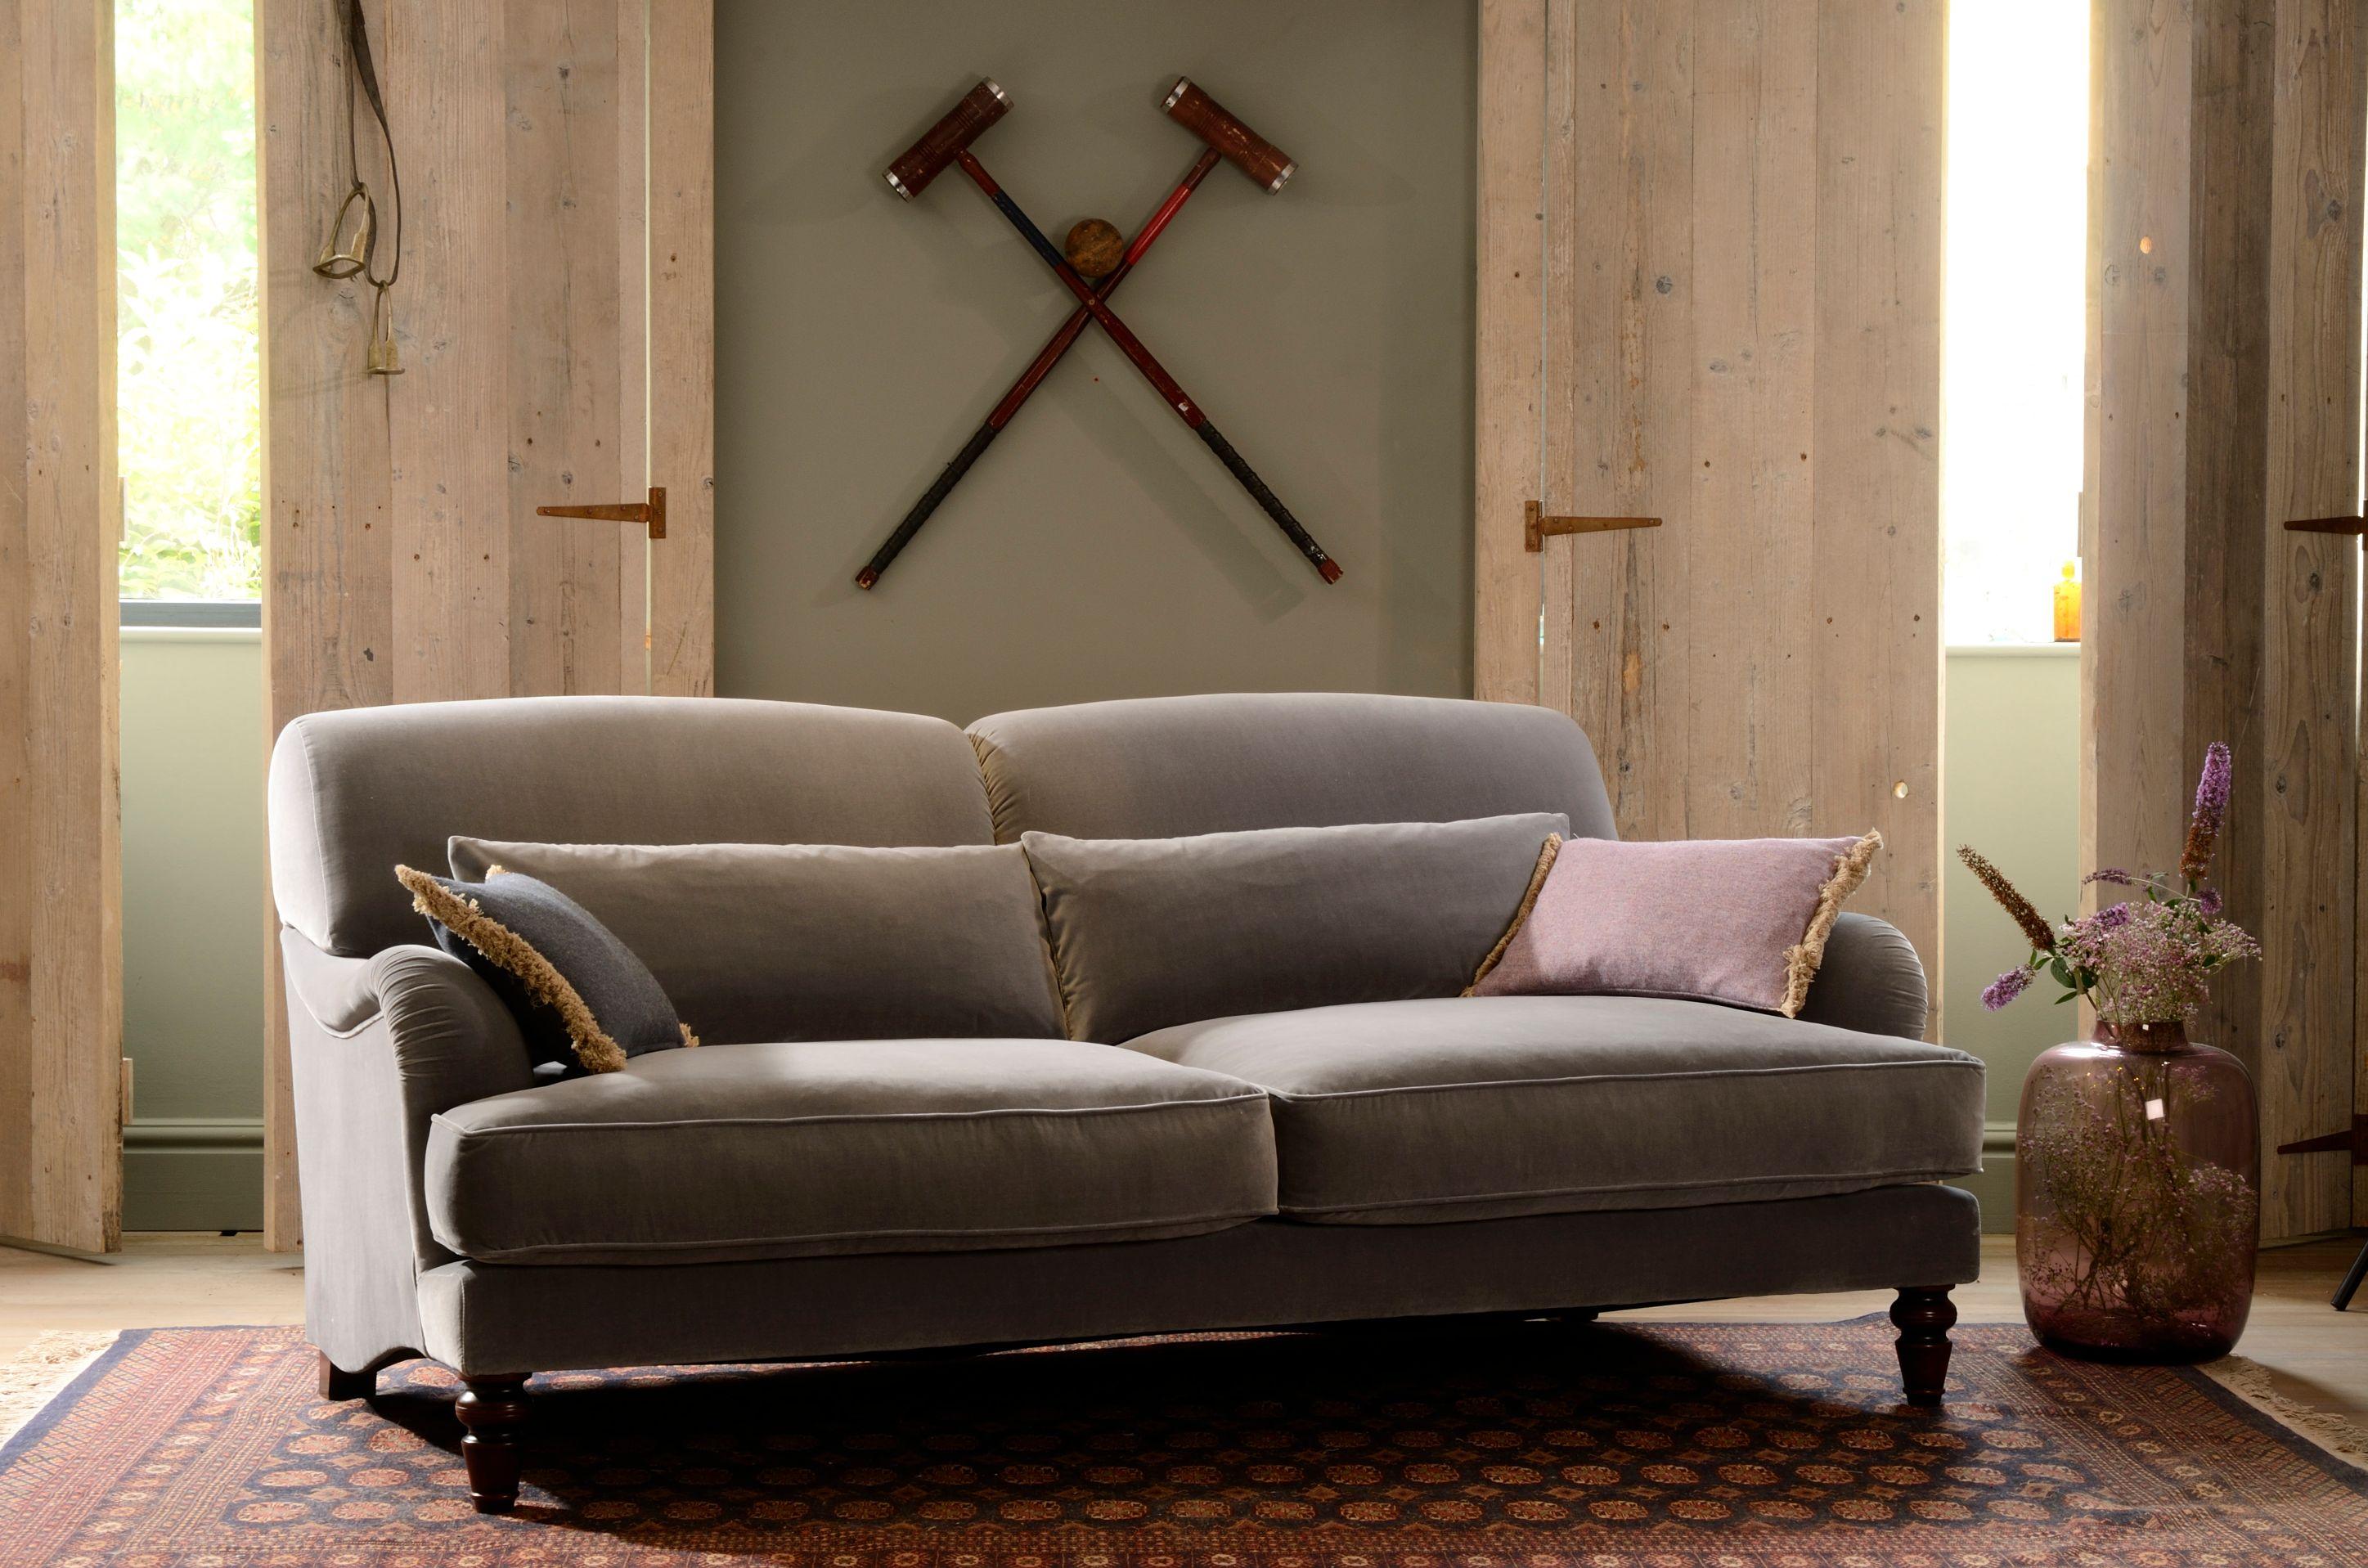 TETRAD HERITAGE - Windermere Petit Sofa